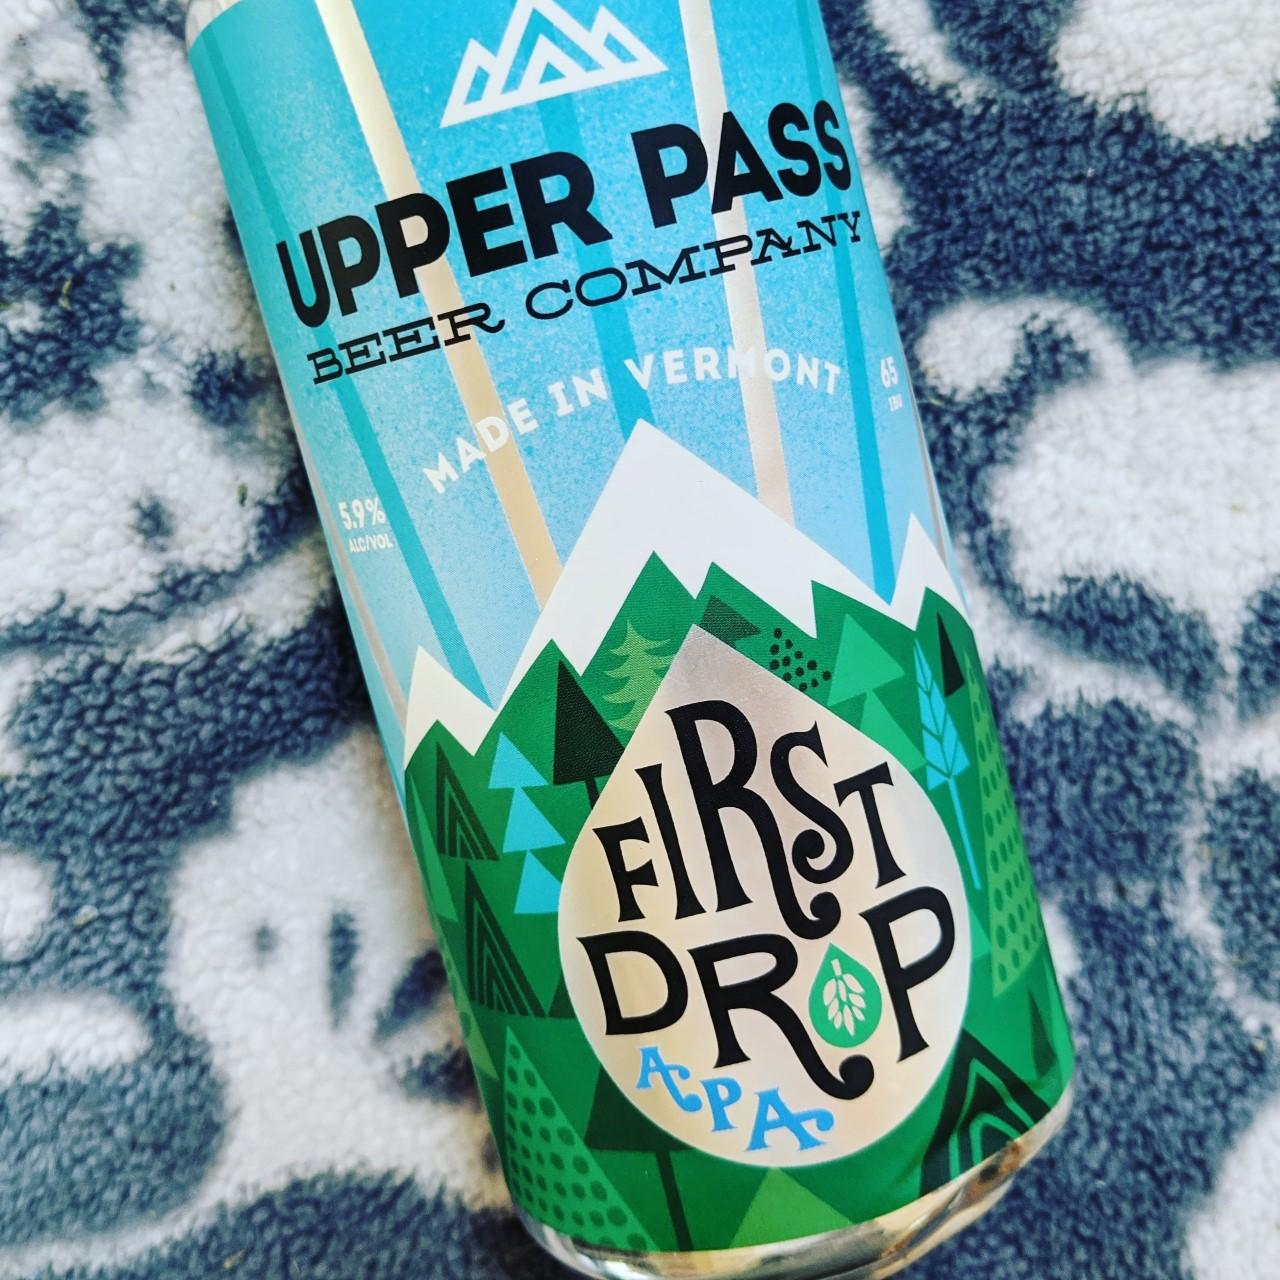 Upper Pass First Drop. [Обзор пива].